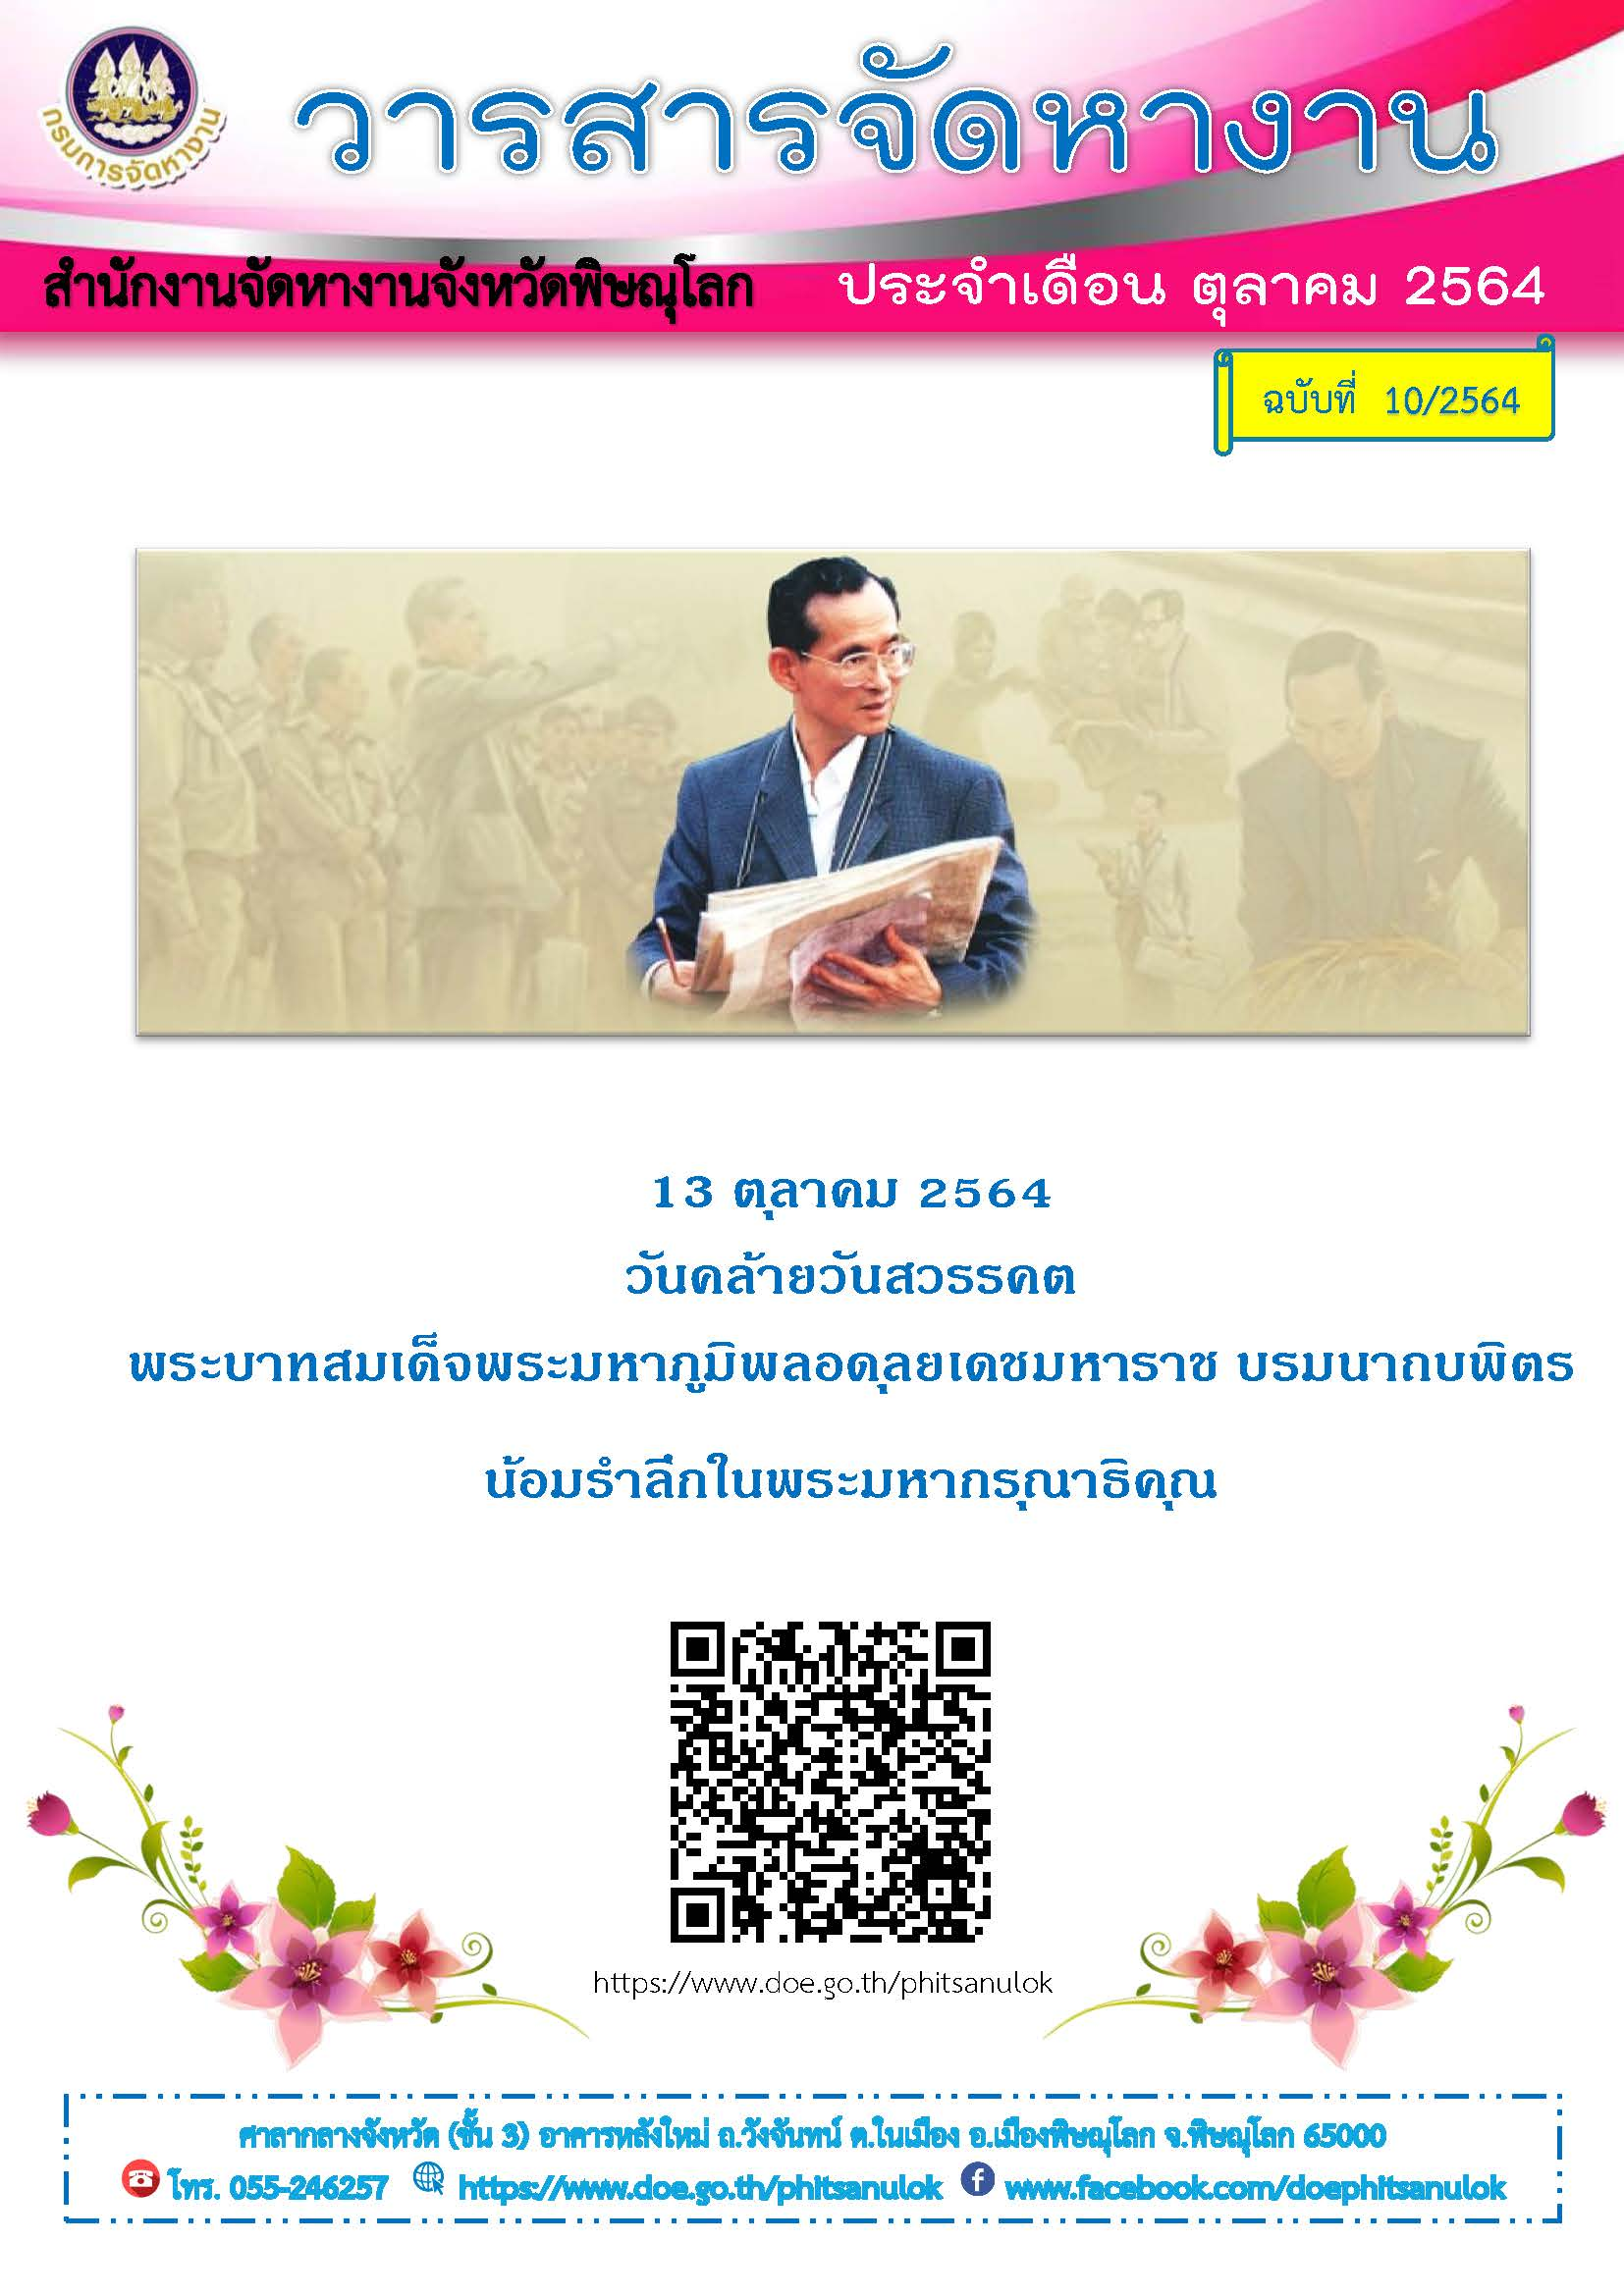 วารสาารจัดหางาน จังหวัดพิษณุโลก ประจำเดือน ตุลาคม 2564